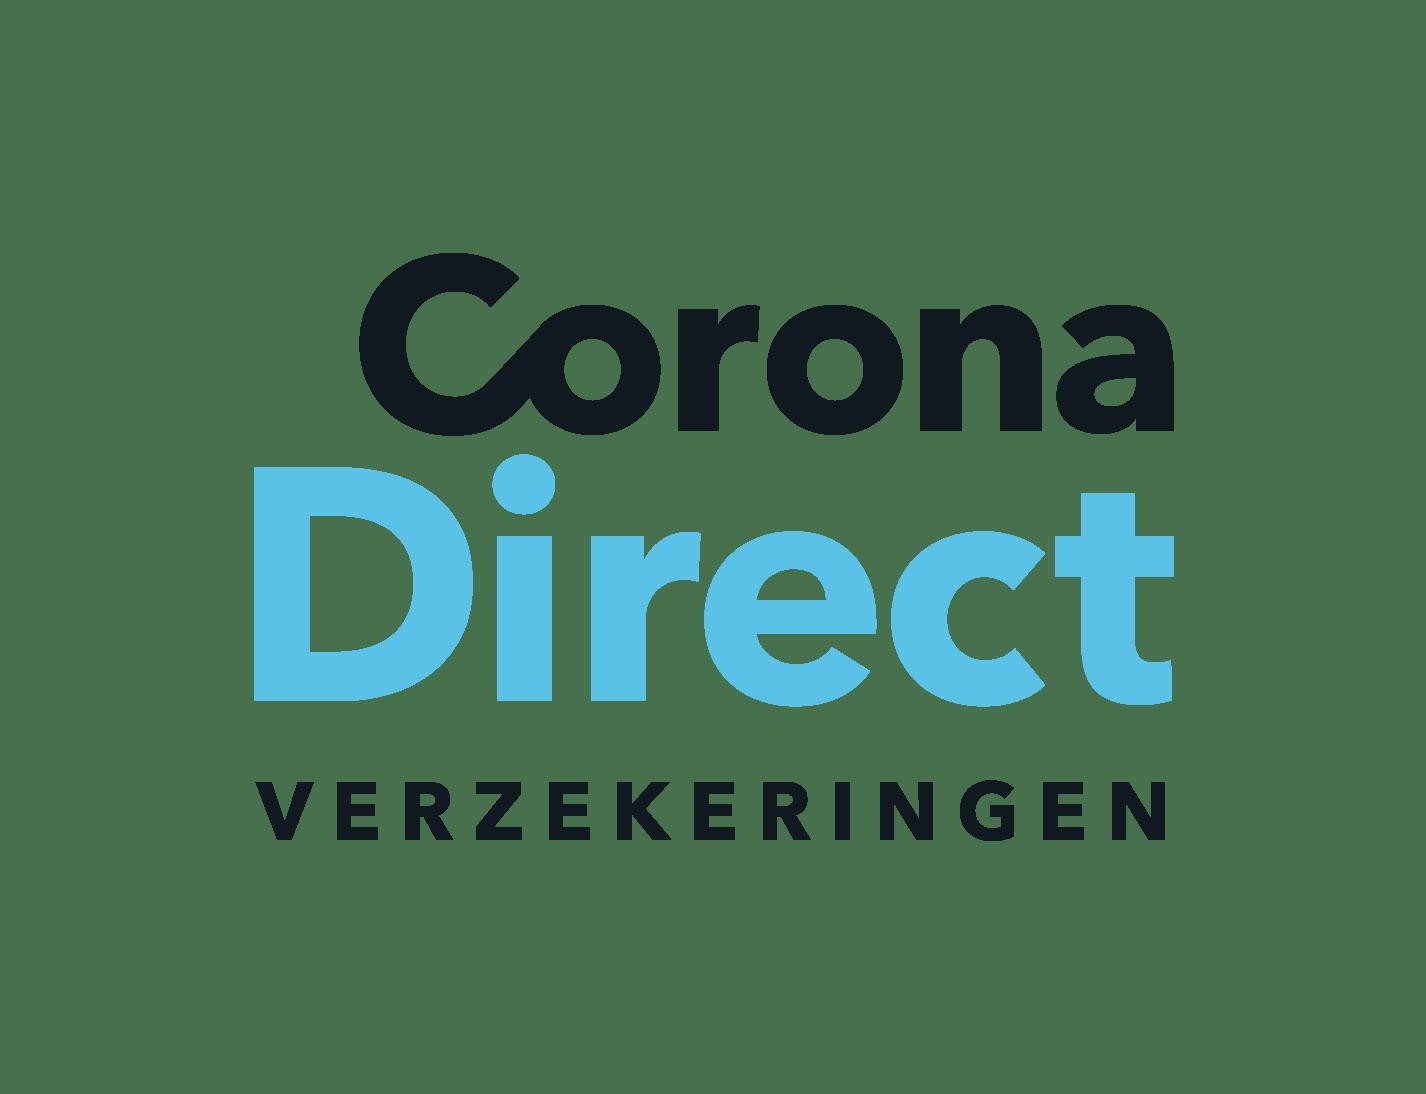 Corona Direct verzekeringen